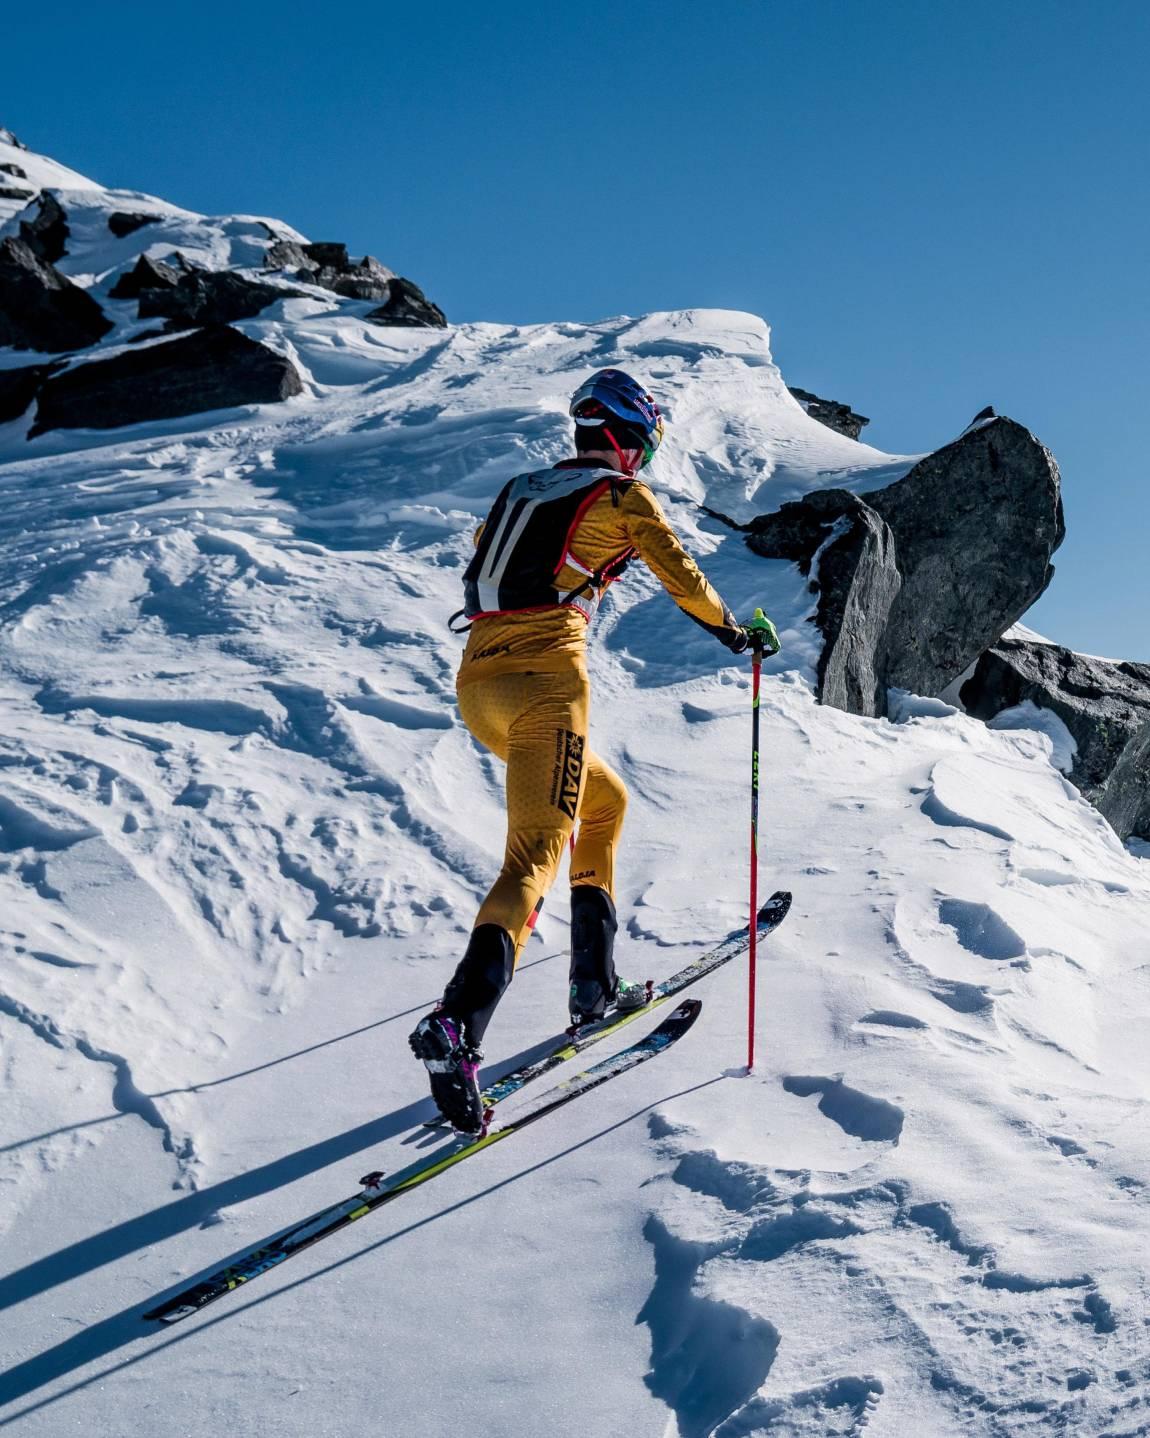 Skitouren Ausrüstung: Alles, was du wissen musst!